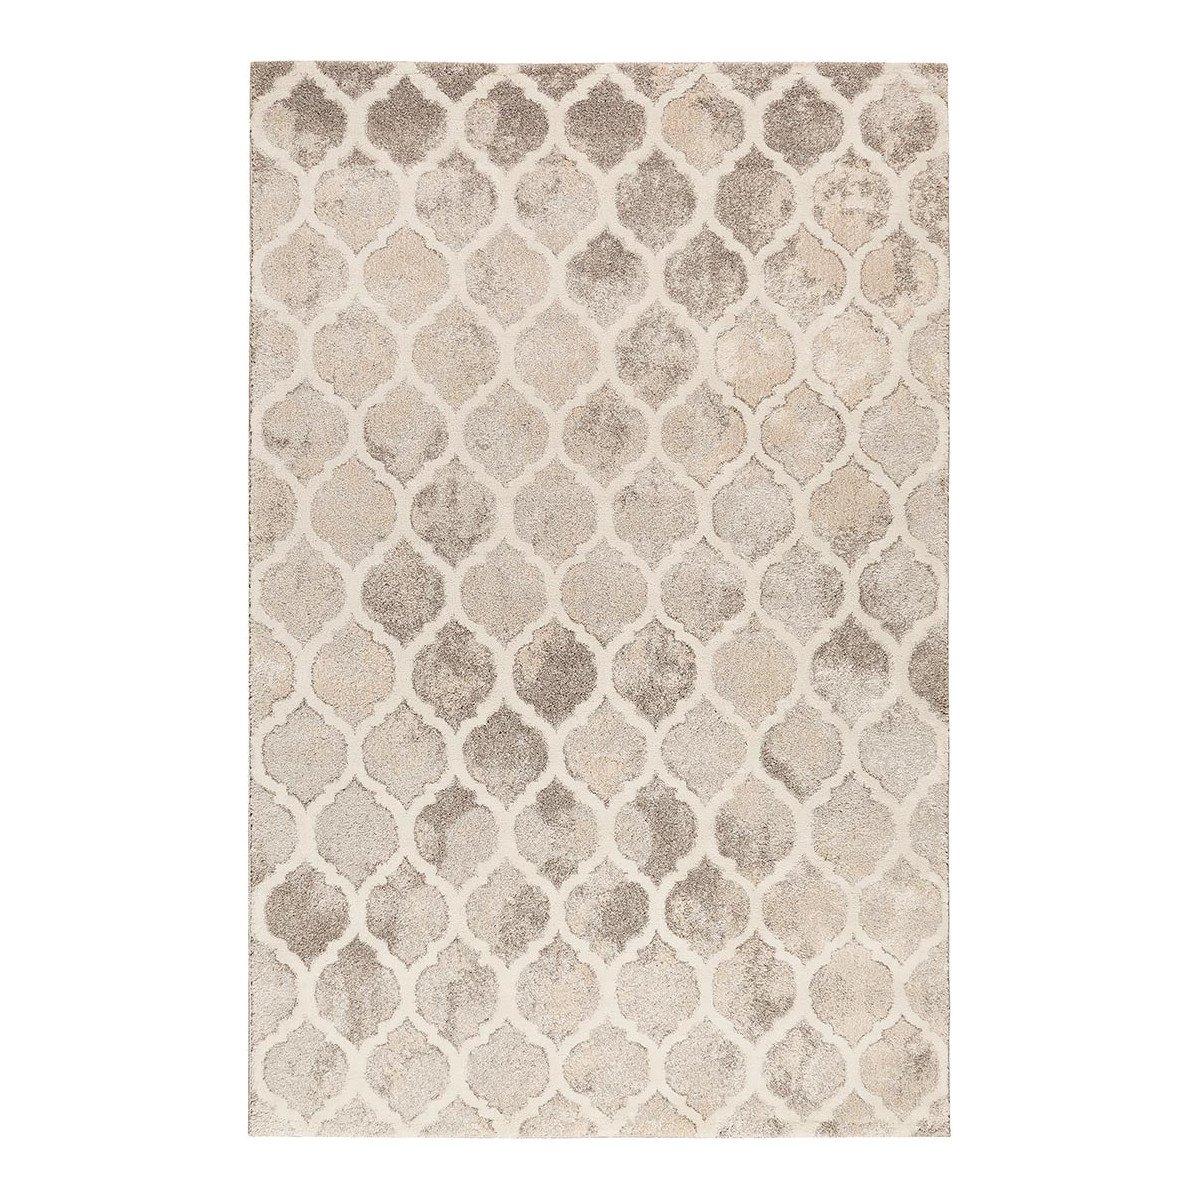 Tapis géométrique design en polypropylène gris 200x290